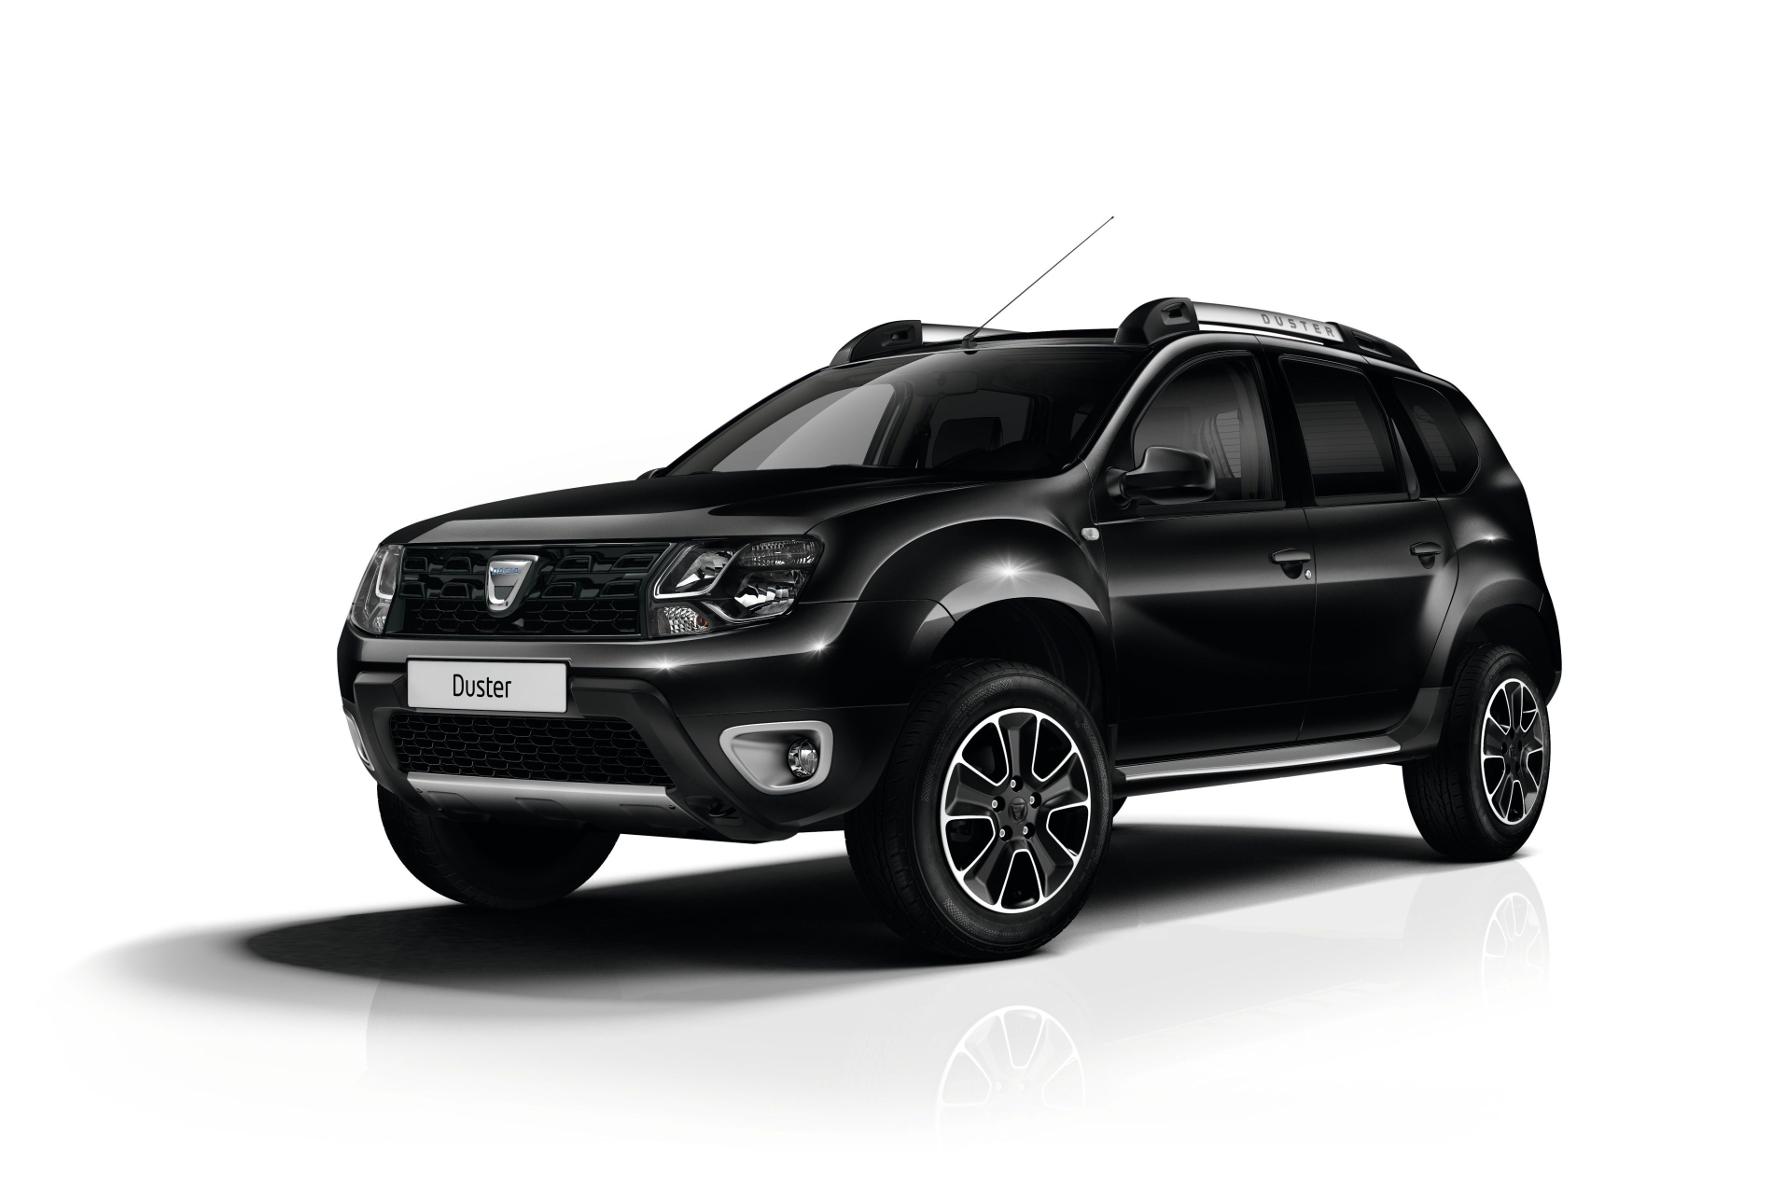 mid Groß-Gerau - Dacia bietet den Duster ab sofort als üppig ausgestattetes Sondermodell Blackshadow an.